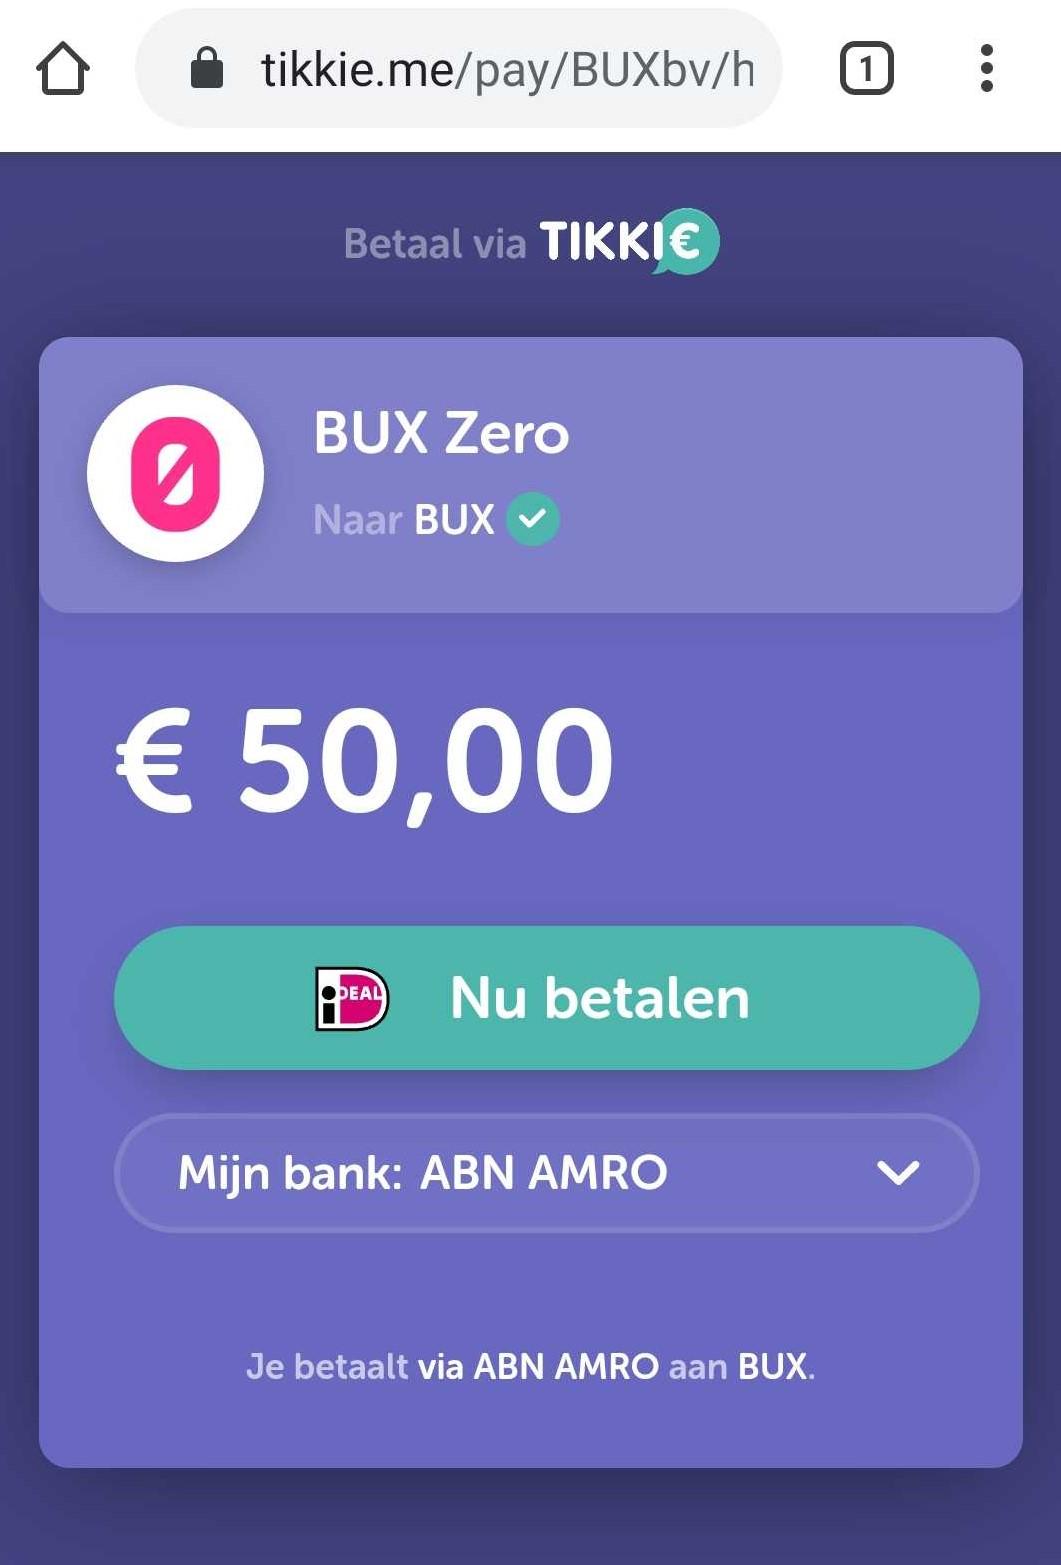 BUX Zero geld storten met tikkie